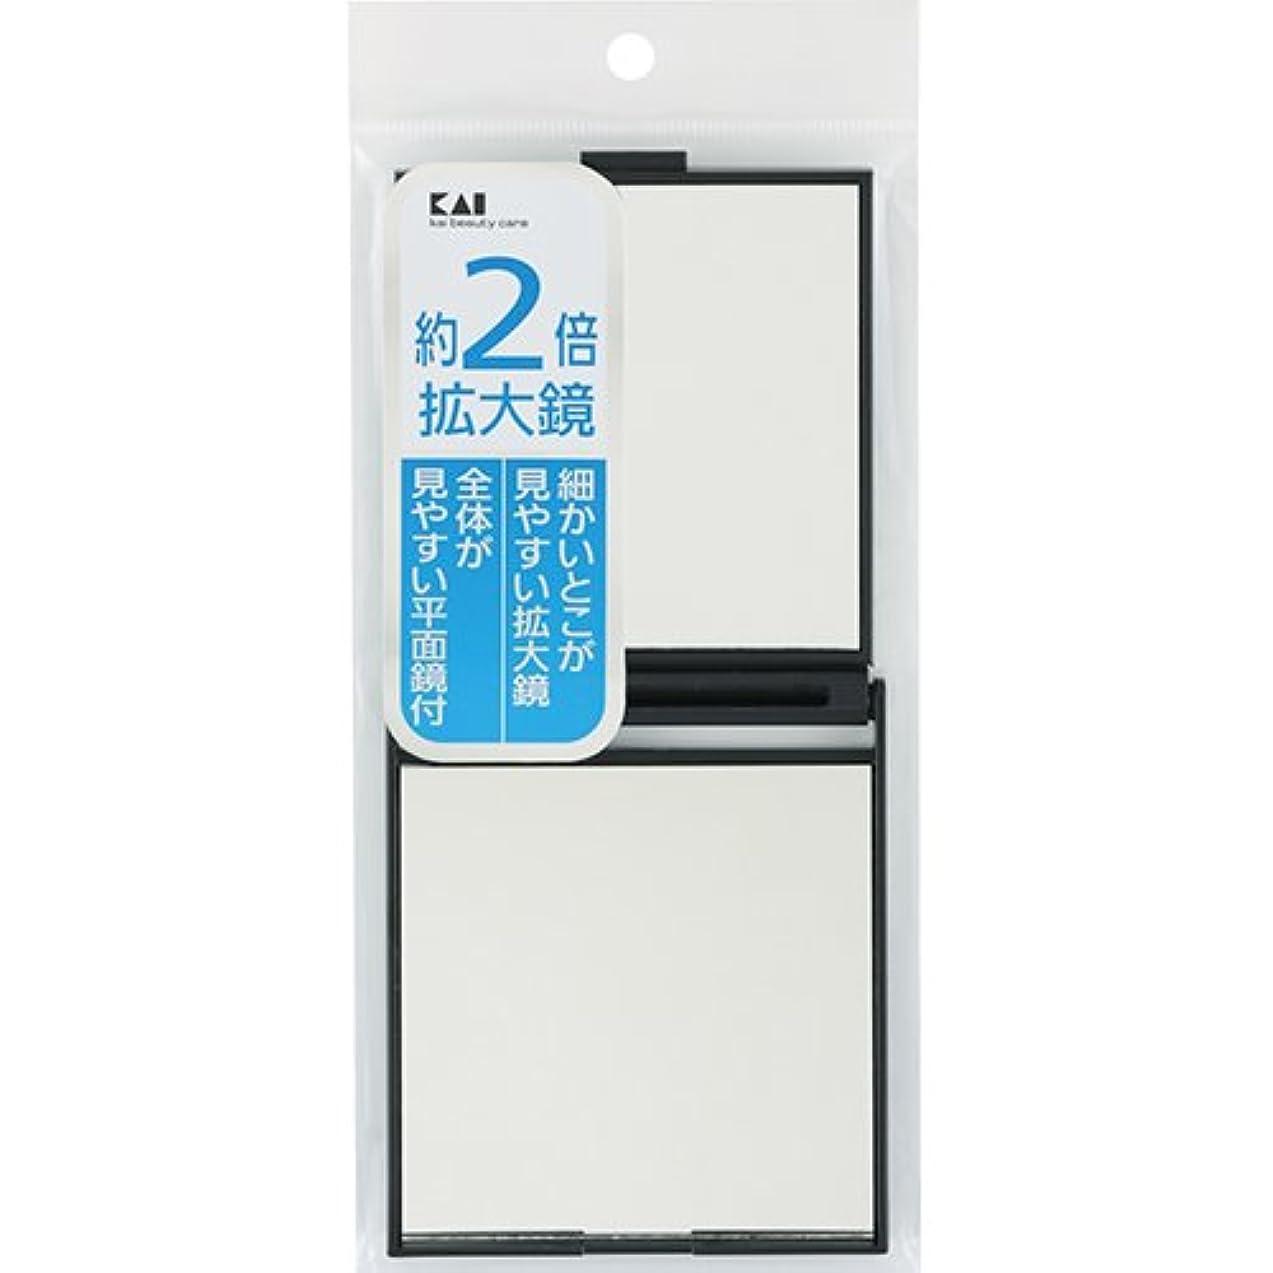 外向きストッキングオーク貝印 拡大鏡付コンパクトミラー 黒 KX0754